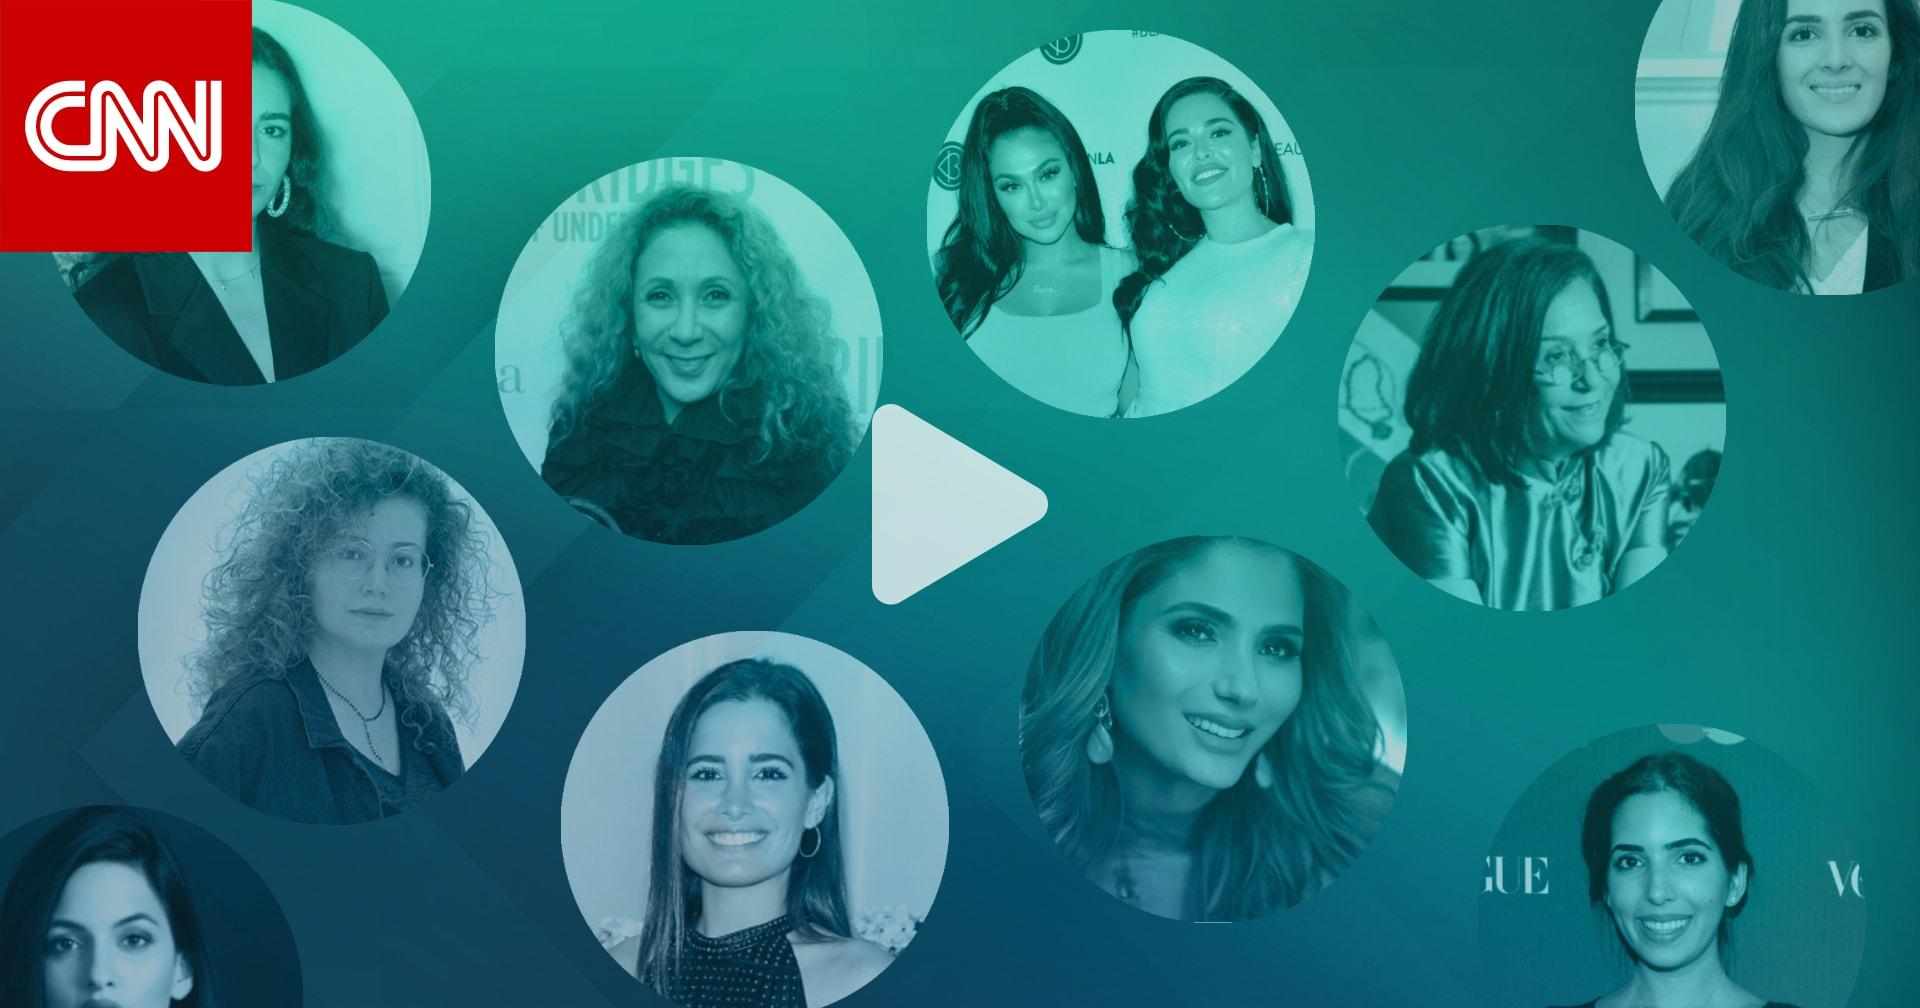 10 سيدات وراء أقوى علامات تجارية في الشرق الأوسط